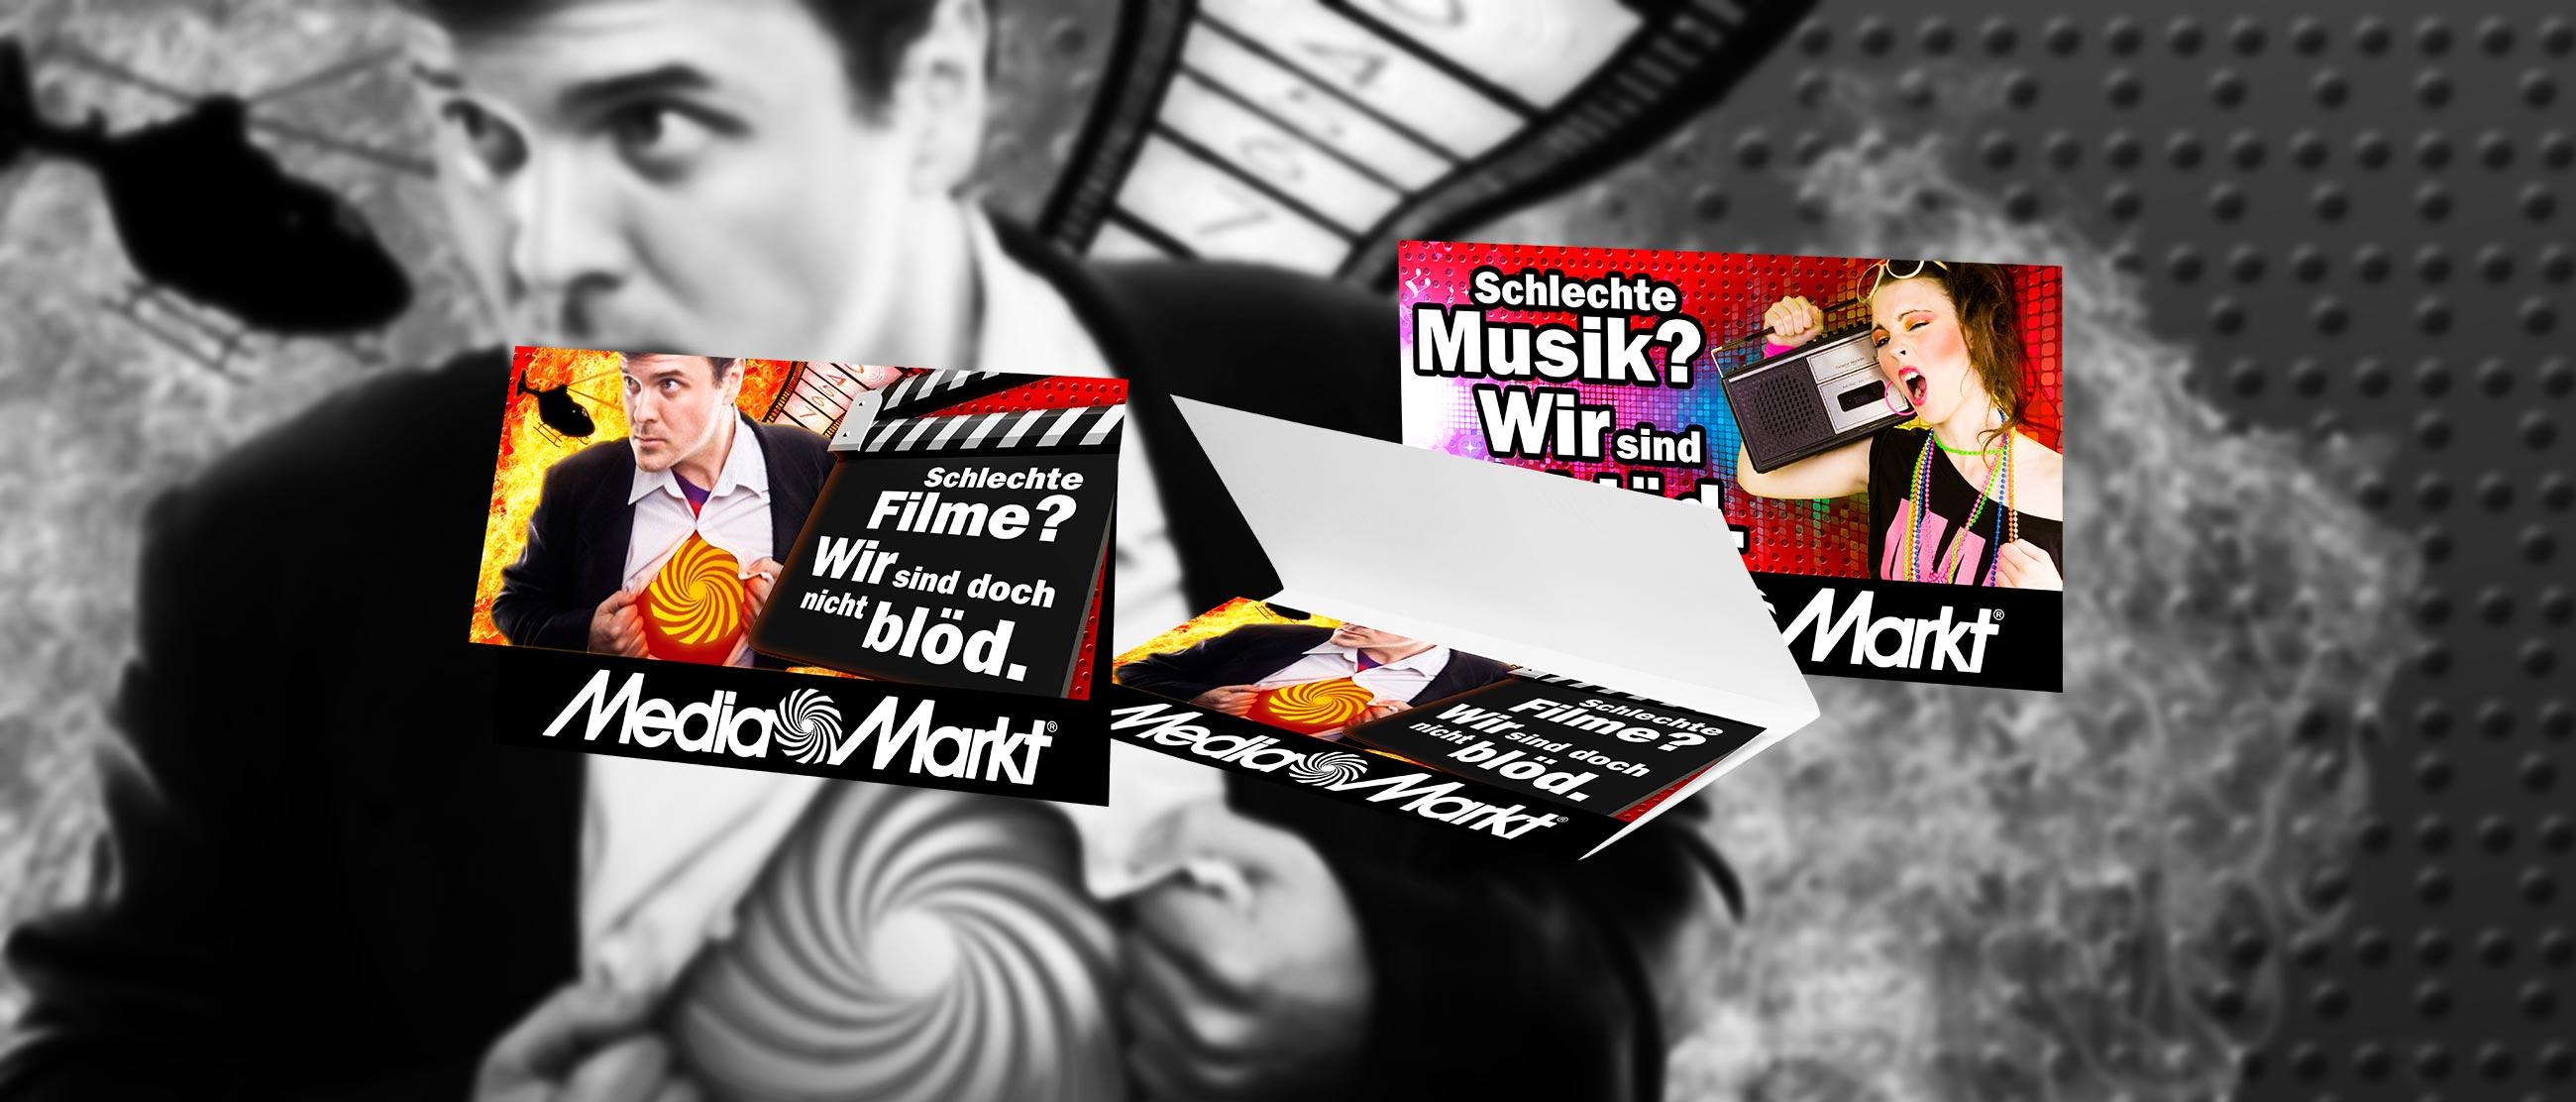 Media Markt: Gestaltung einer Einstecktasche für Blu-rays, DVDs und CDs